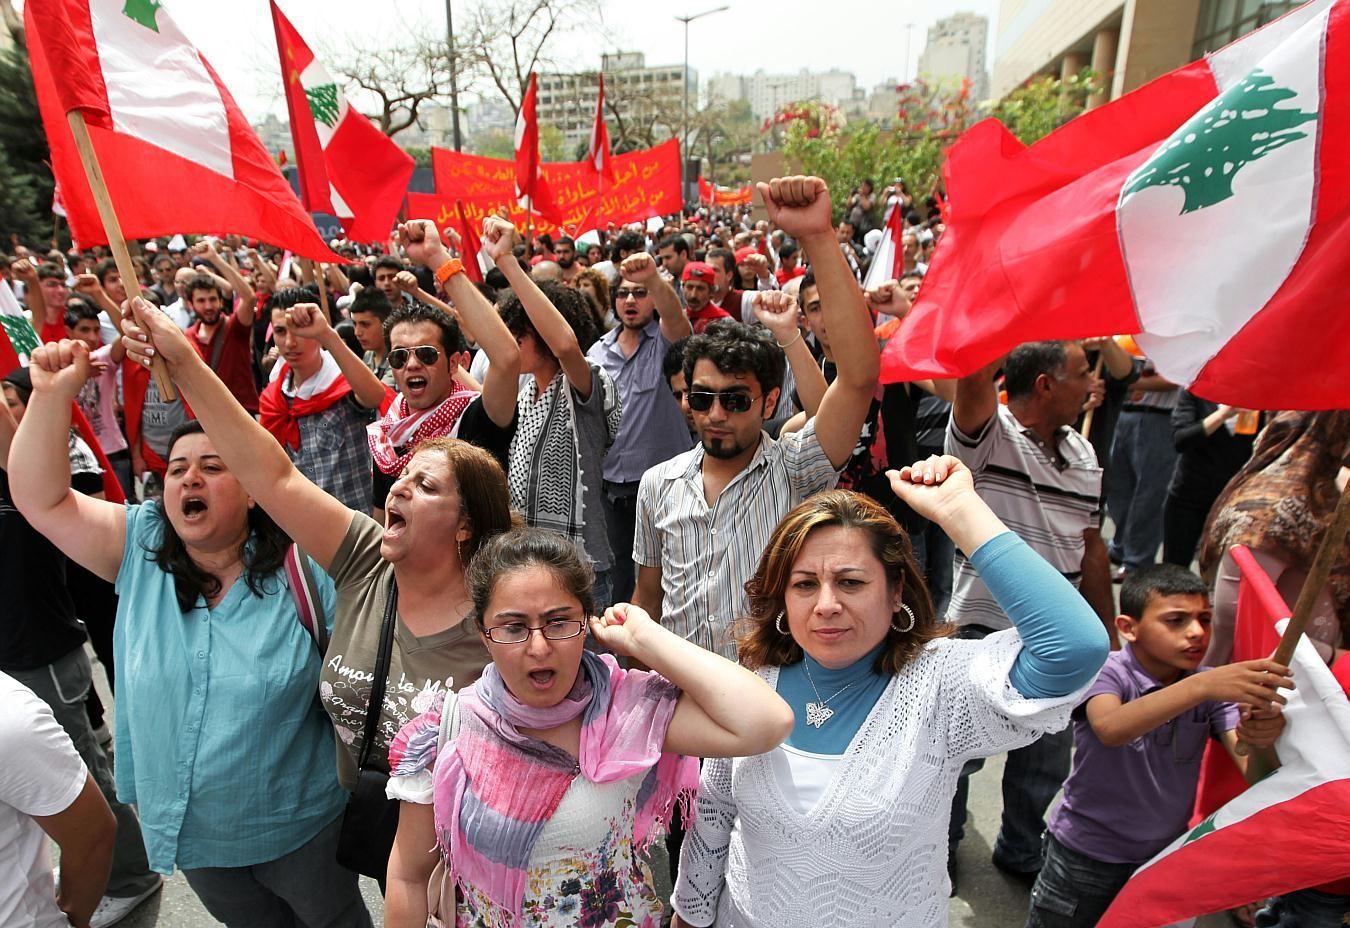 ÇEVİRİ | Lübnan Komünist Partisi ile son gelişmeler üzerine röportaj